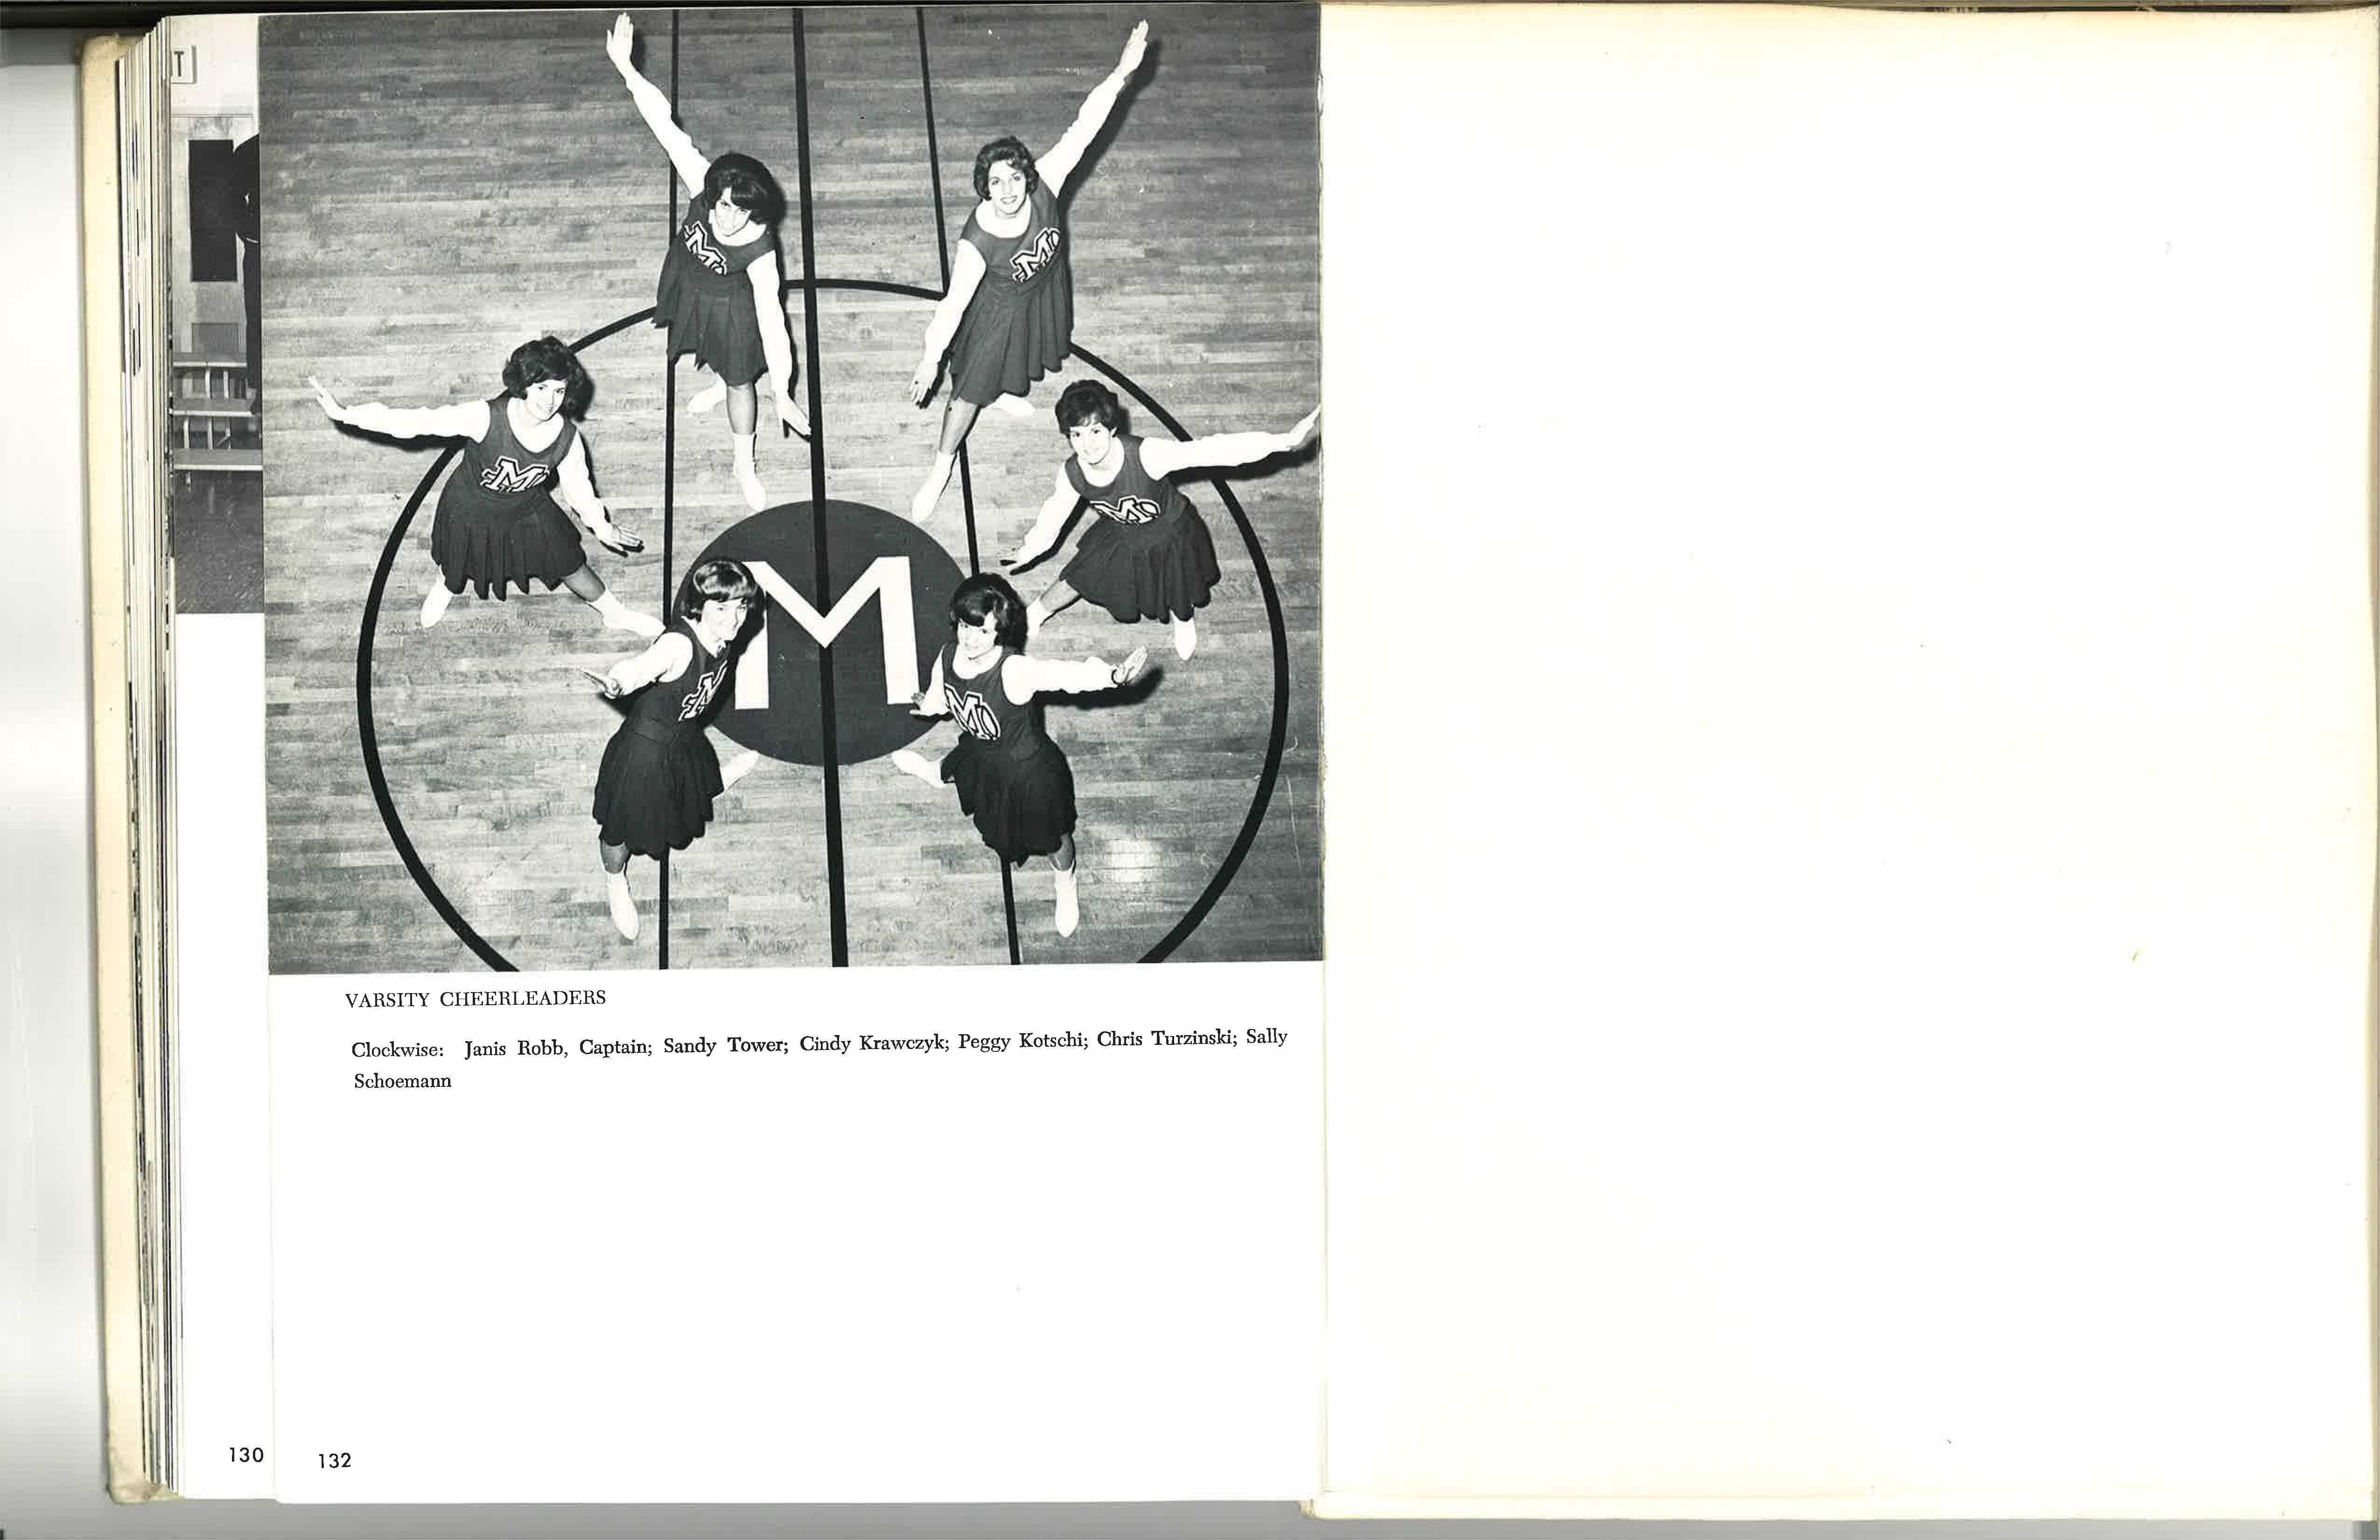 1964_Yearbook_Clubs_132.jpg